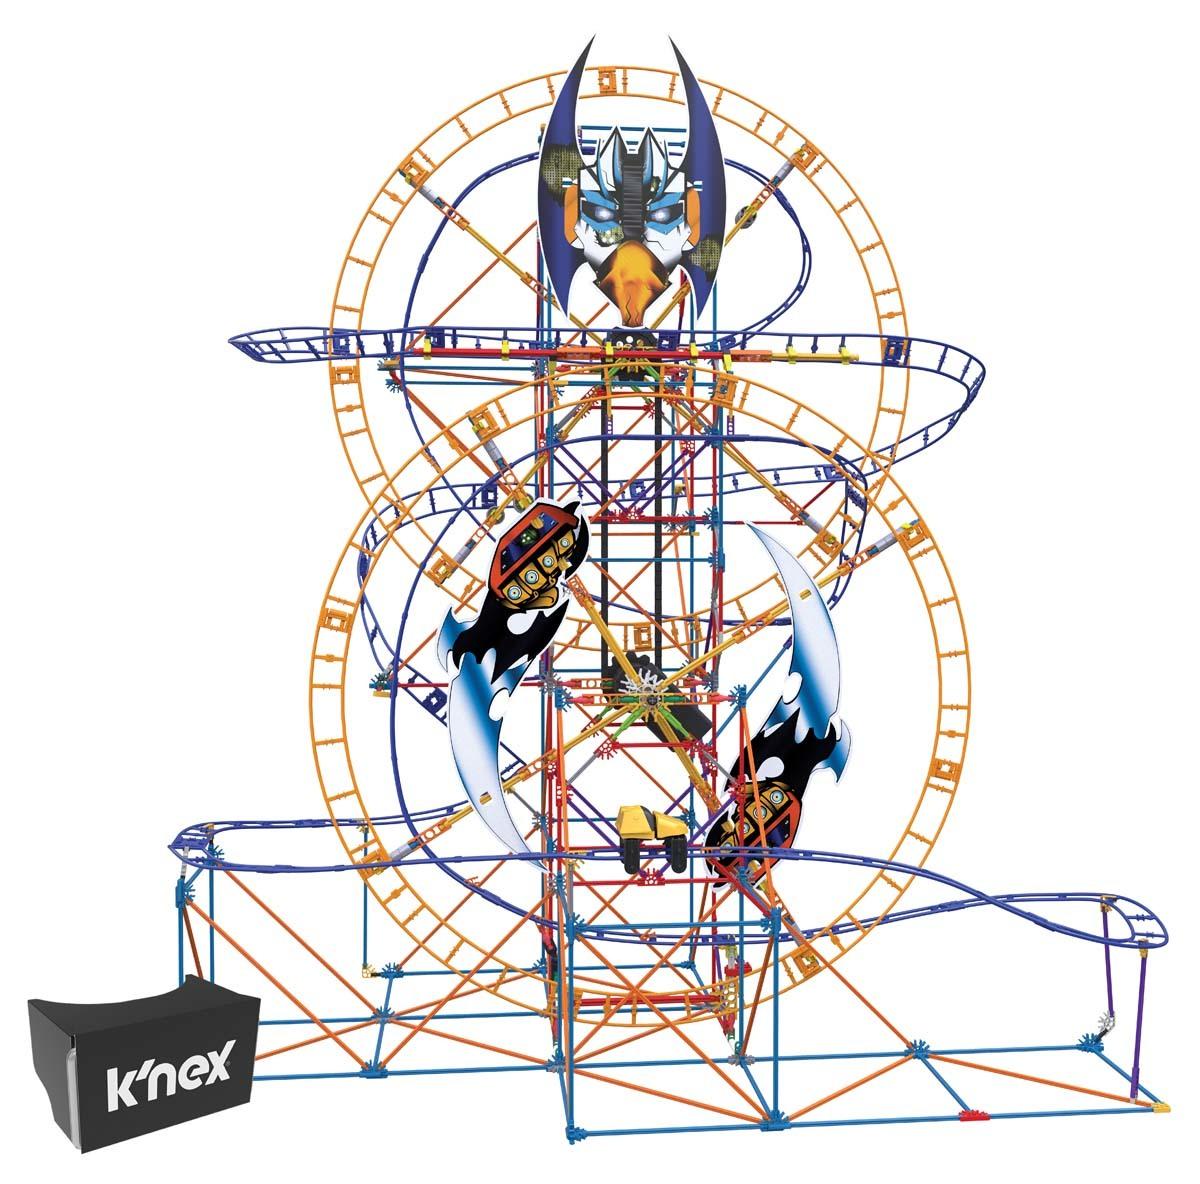 1200x1184 K'nex Thrill Rides Bionic Blast Roller Coaster Building Set K'nex